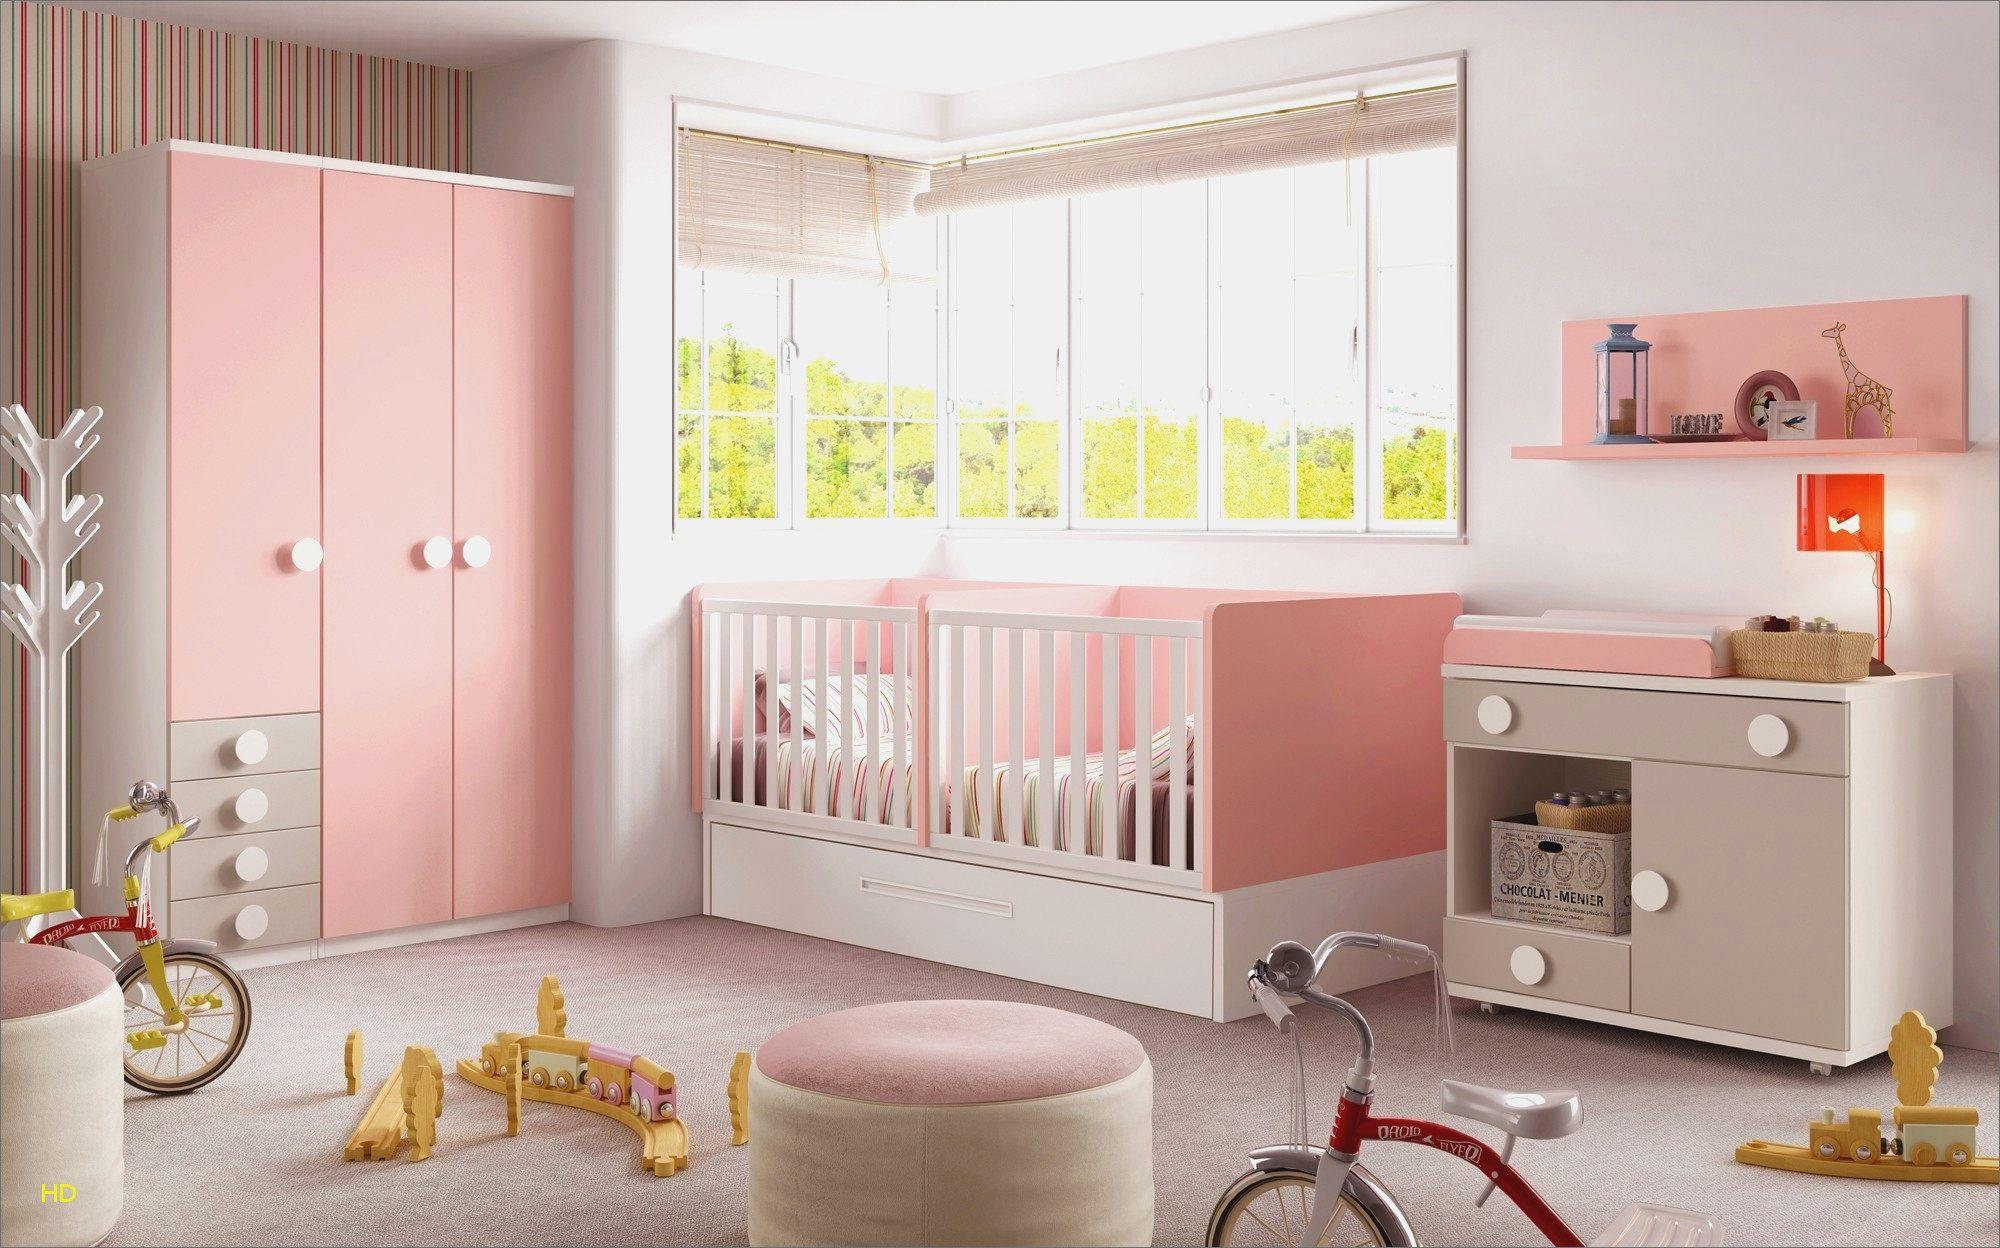 Jouet Lit Bébé Inspirant étonnant Chaise Haute Bébé Fille Sur Chambre Bébé Mickey Chaise